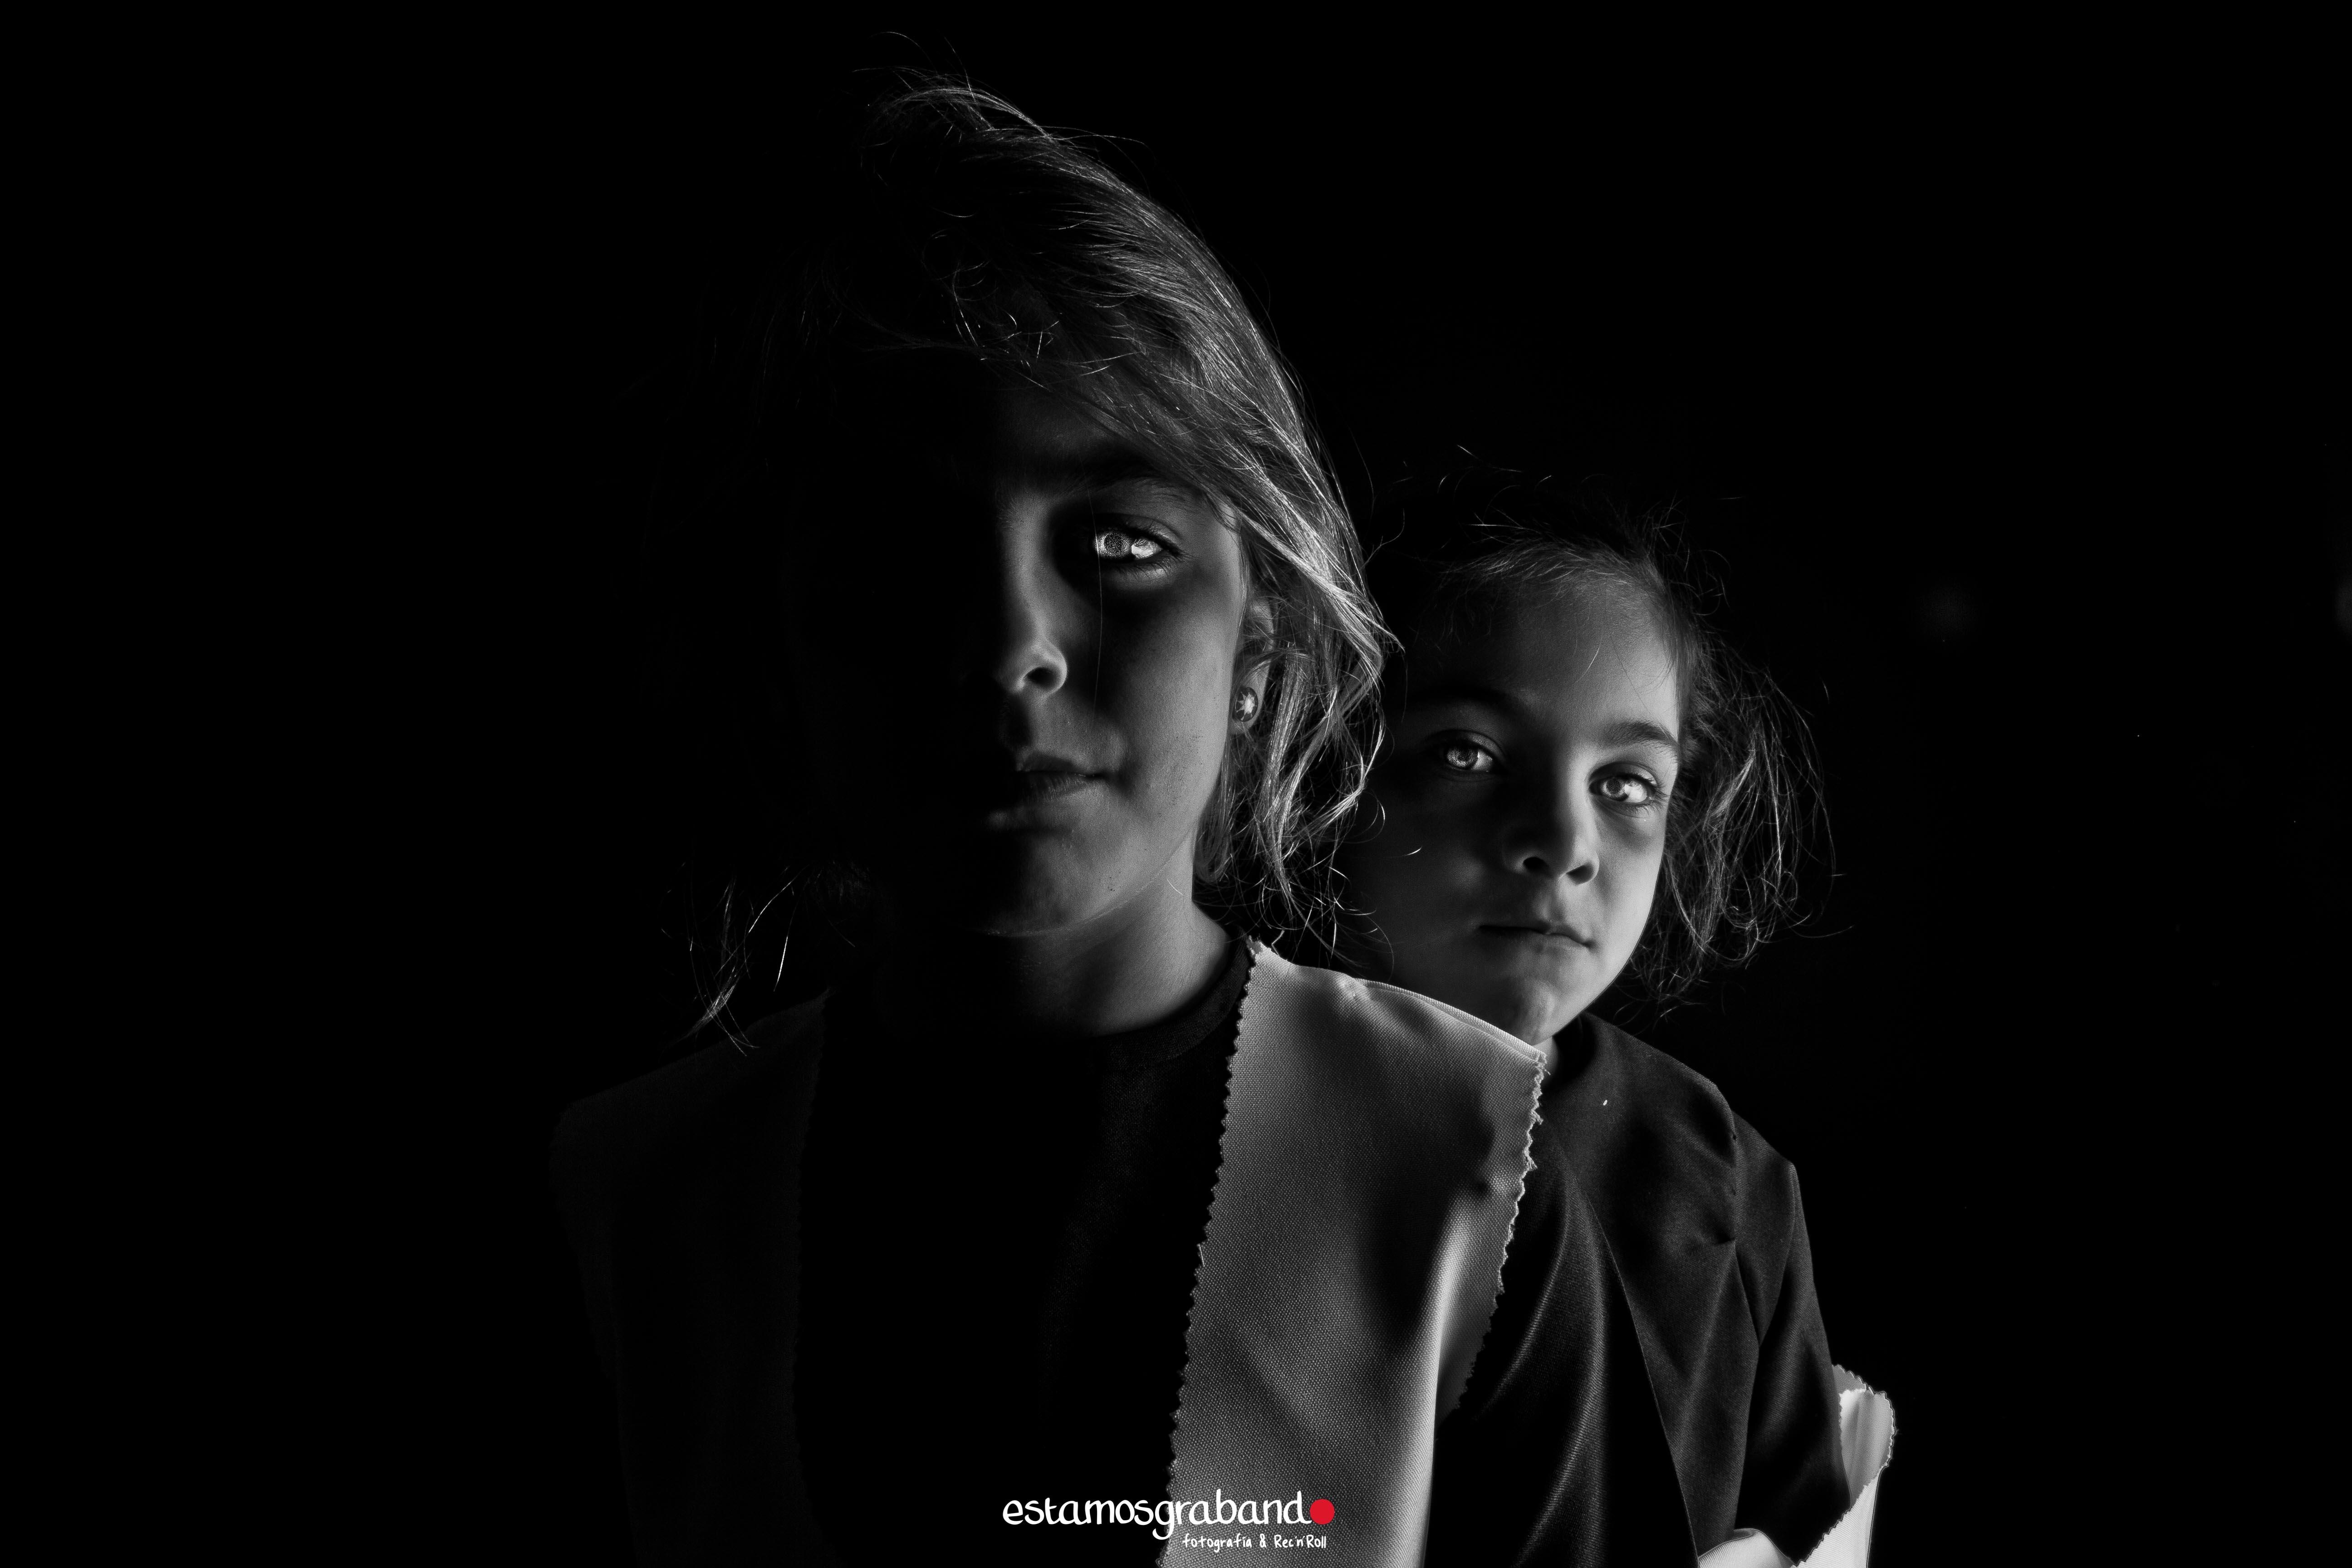 Halloween_estamosgrabando-2 Sesiones Terroríficas Volumen I_Fotografía Halloween - video boda cadiz